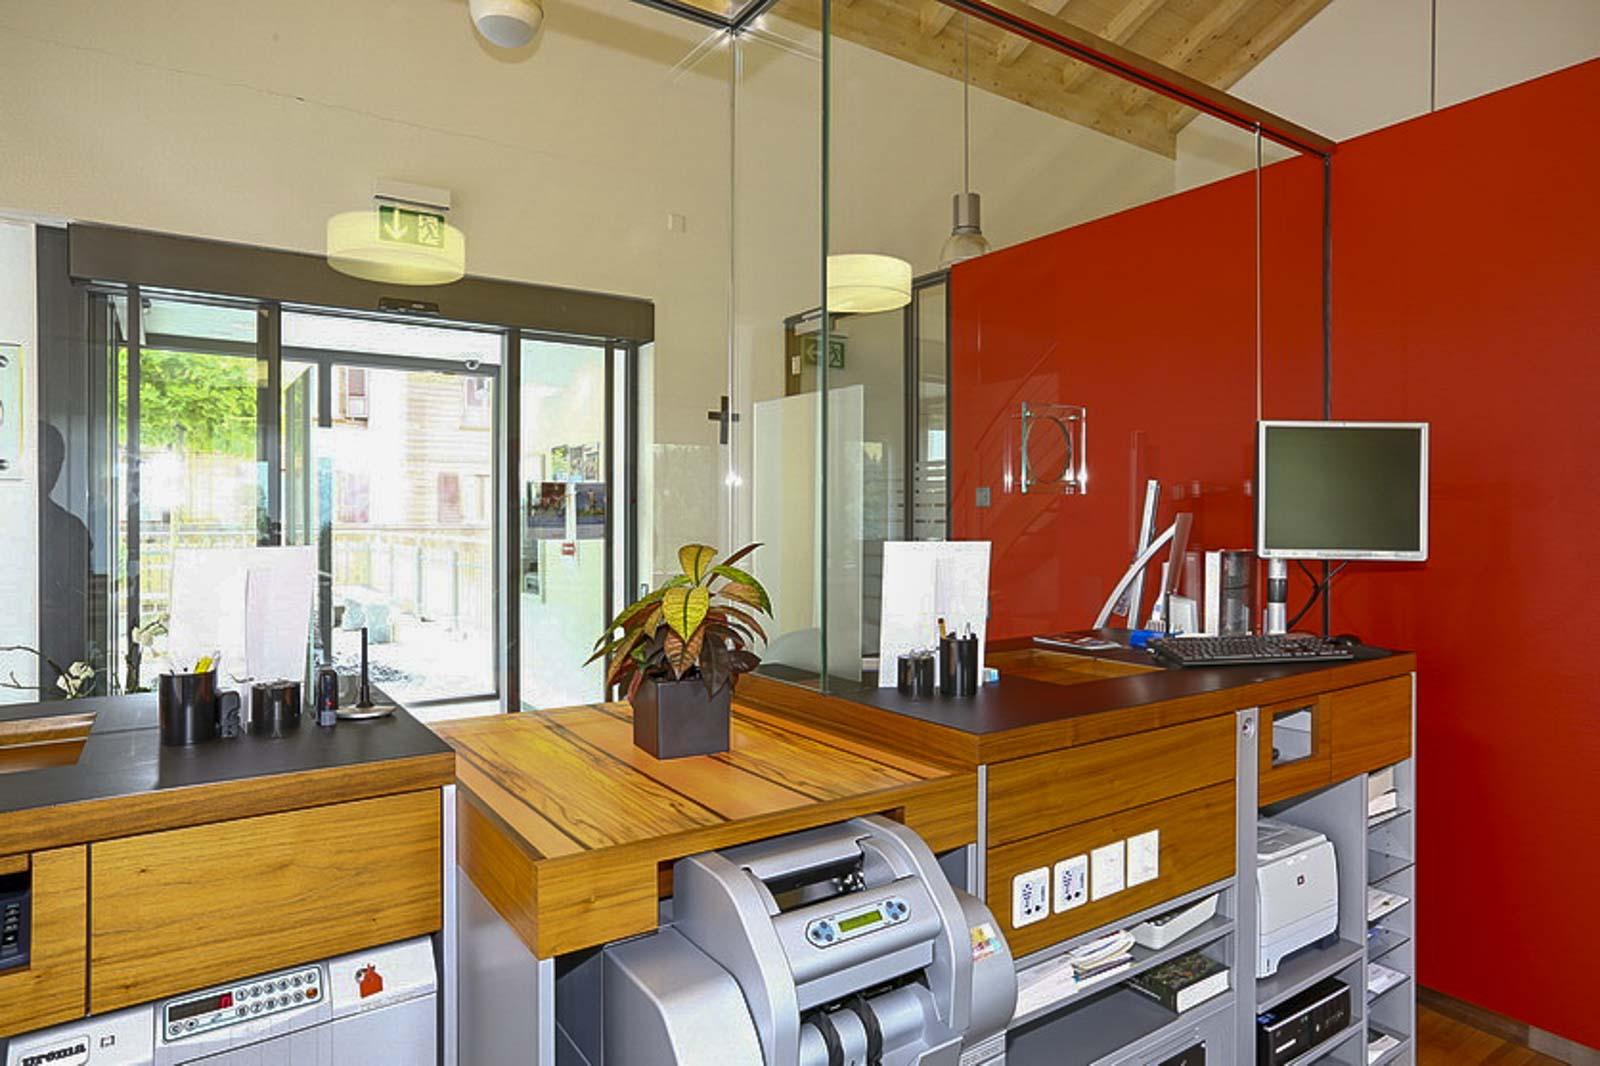 Wooddesign_öffentliche Bauten_Schalteranlage_Raiffeisen Jaun_Panzerglas (2)